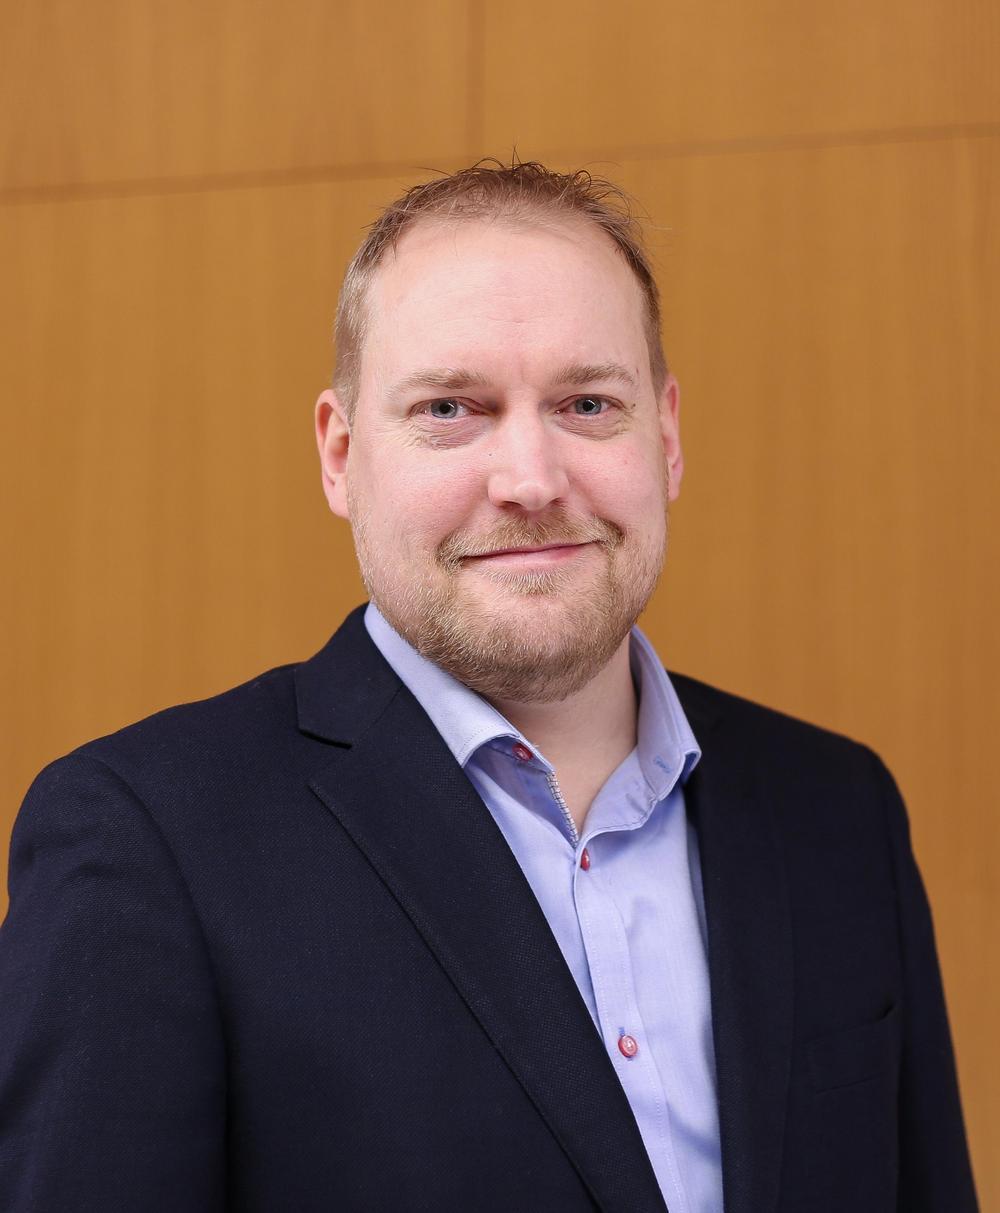 Jussi Malkamäki kunnanvaltuutettu ja kuntavaaliehdokas 2021.